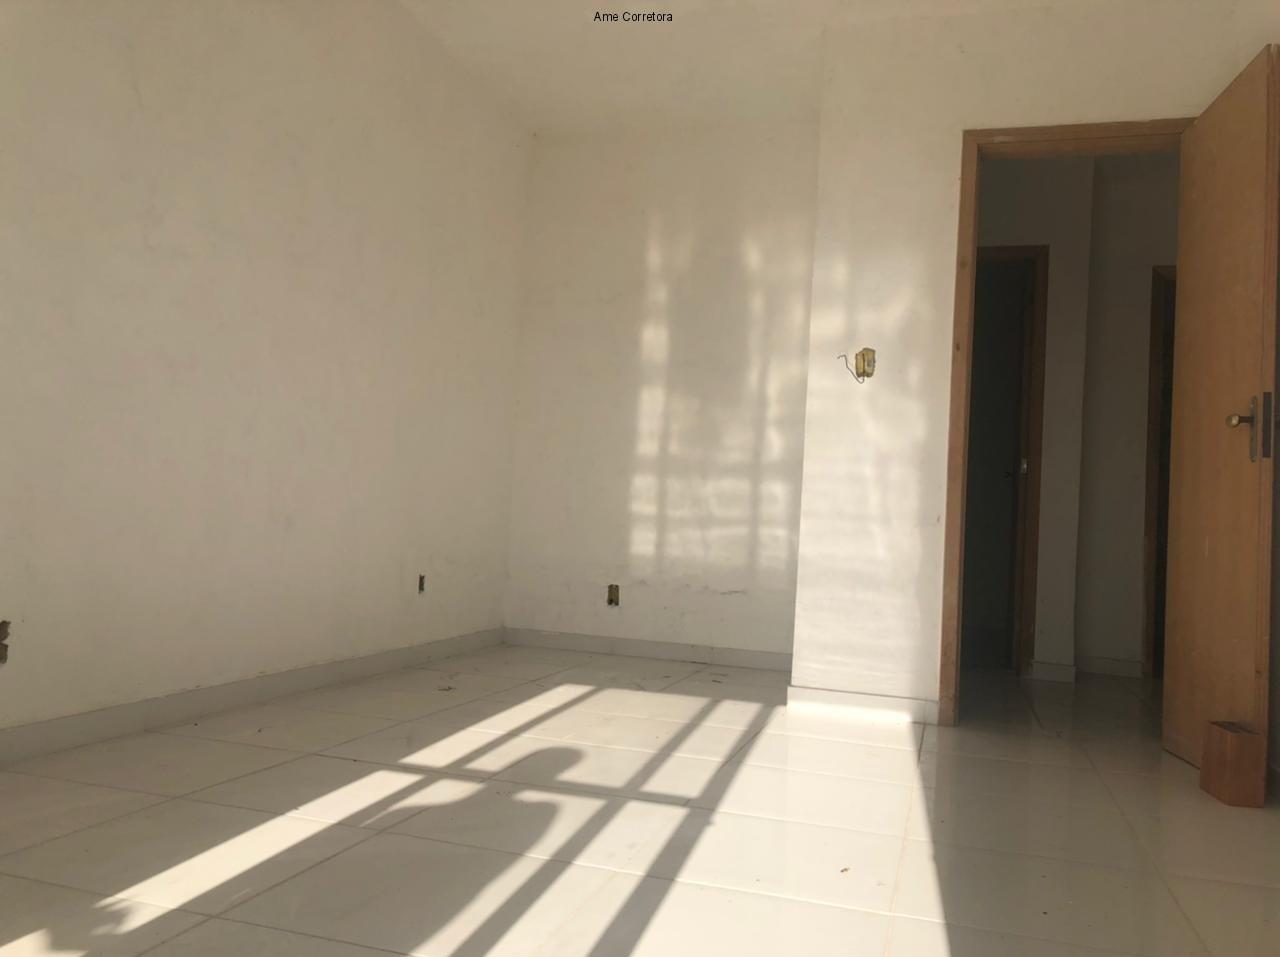 FOTO 04 - Casa 2 quartos à venda Rio de Janeiro,RJ - R$ 220.000 - CA0054 - 5